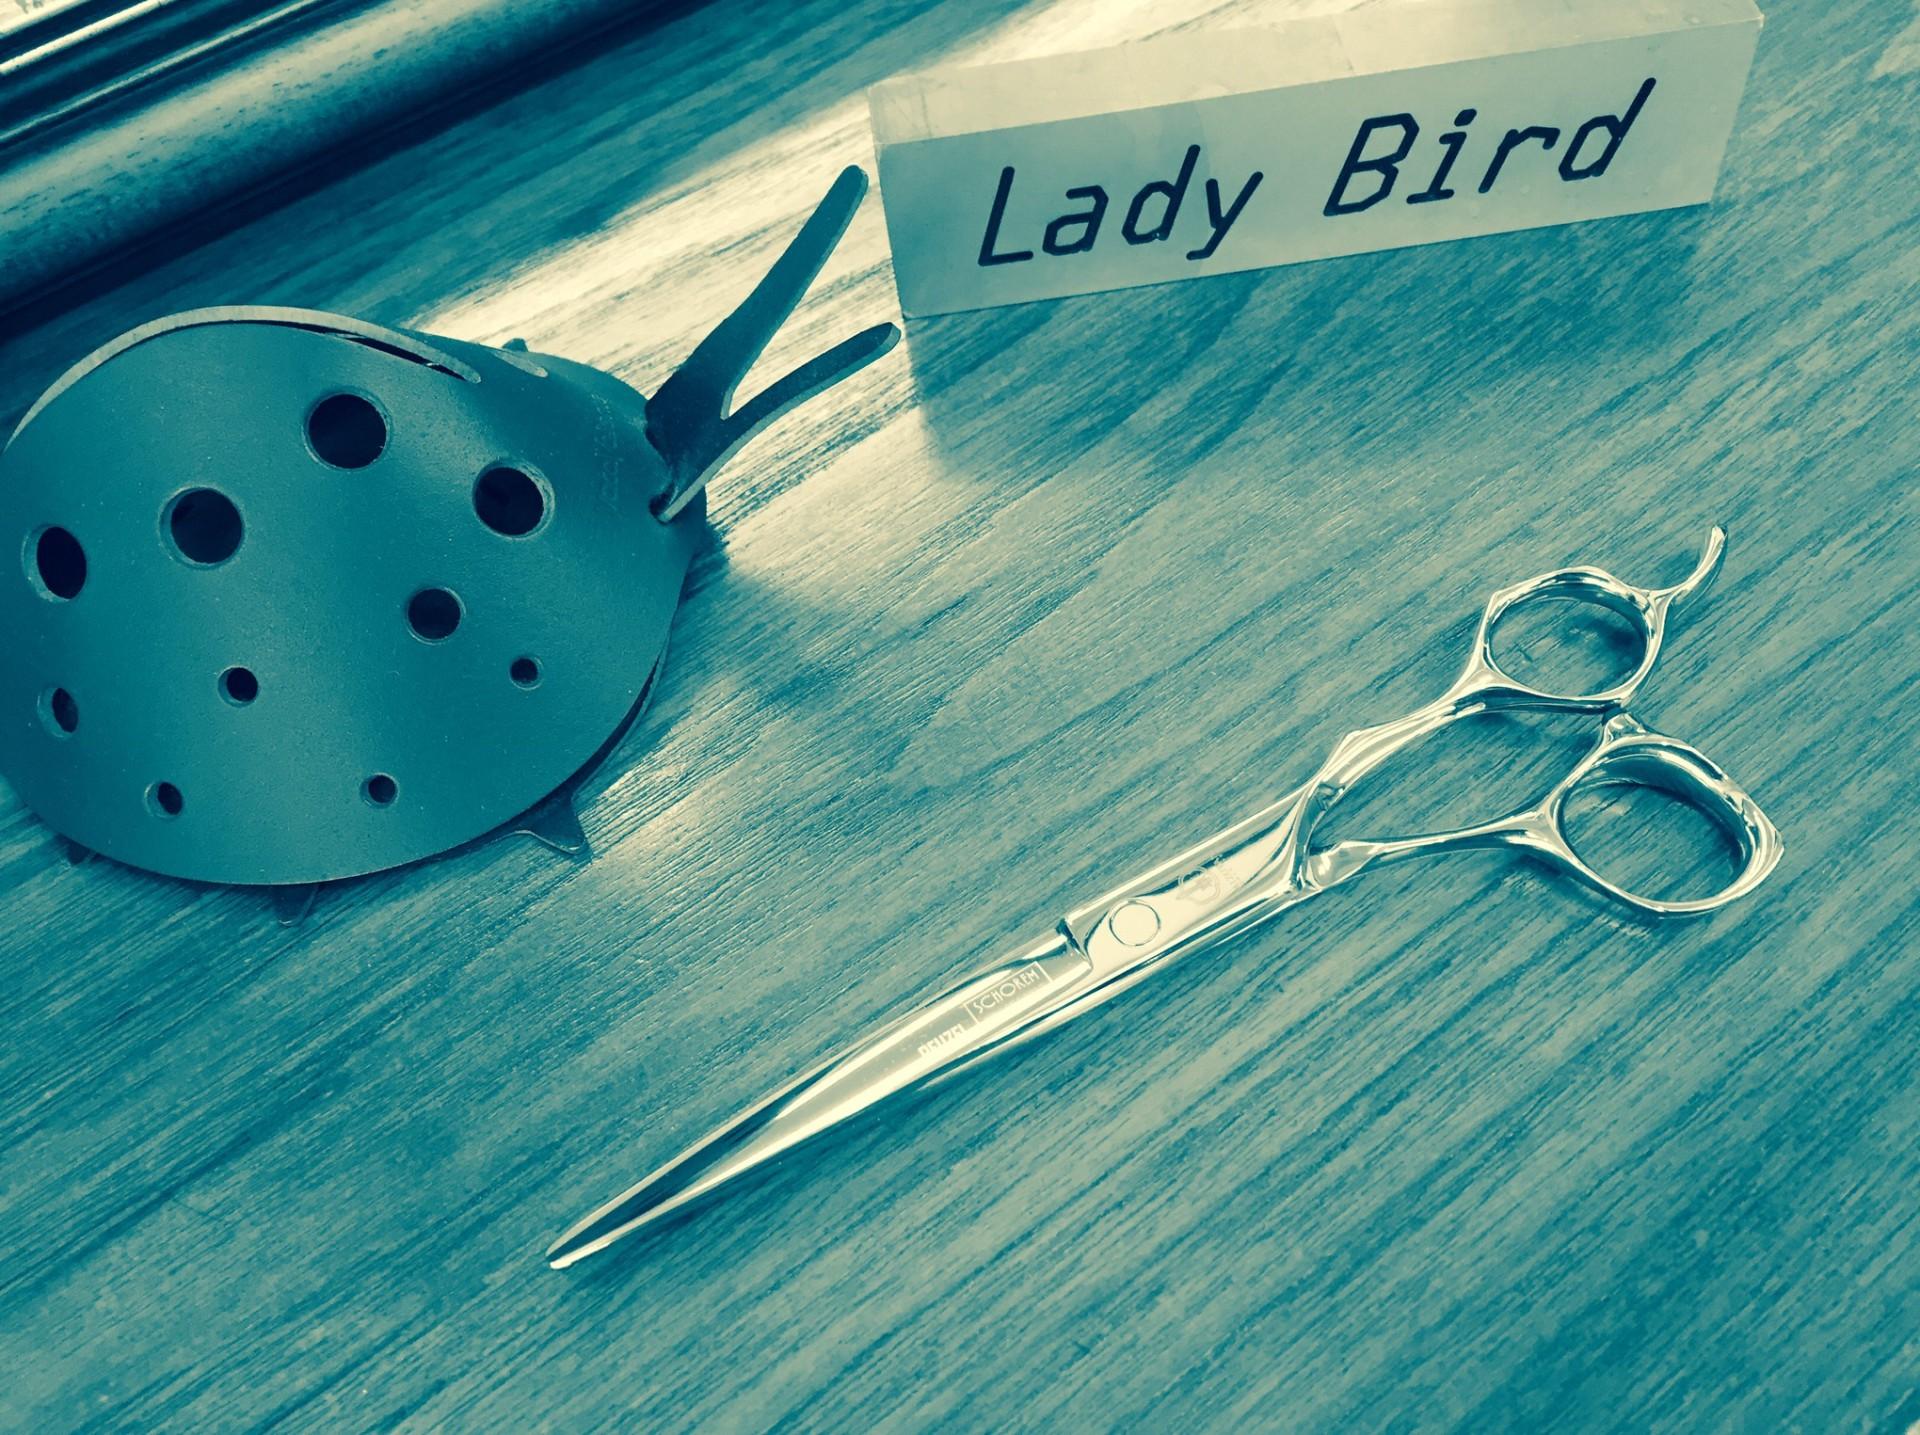 美容室 Lady Bird